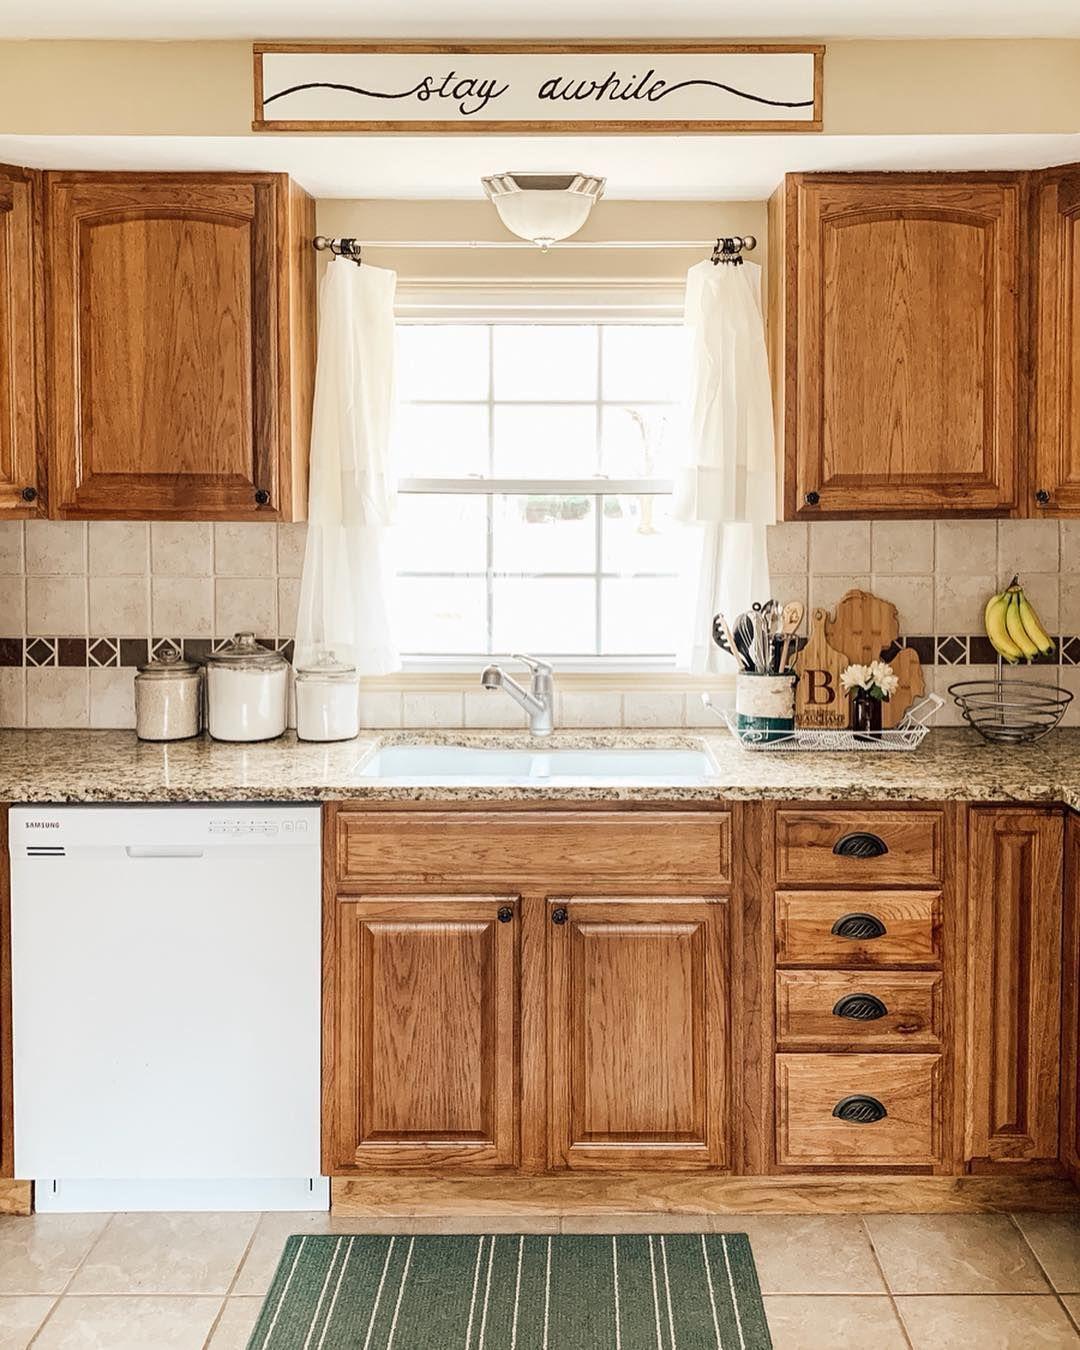 Wood Kitchen With Diy Sign Kitchen Remodel Wood Kitchen Kitchen